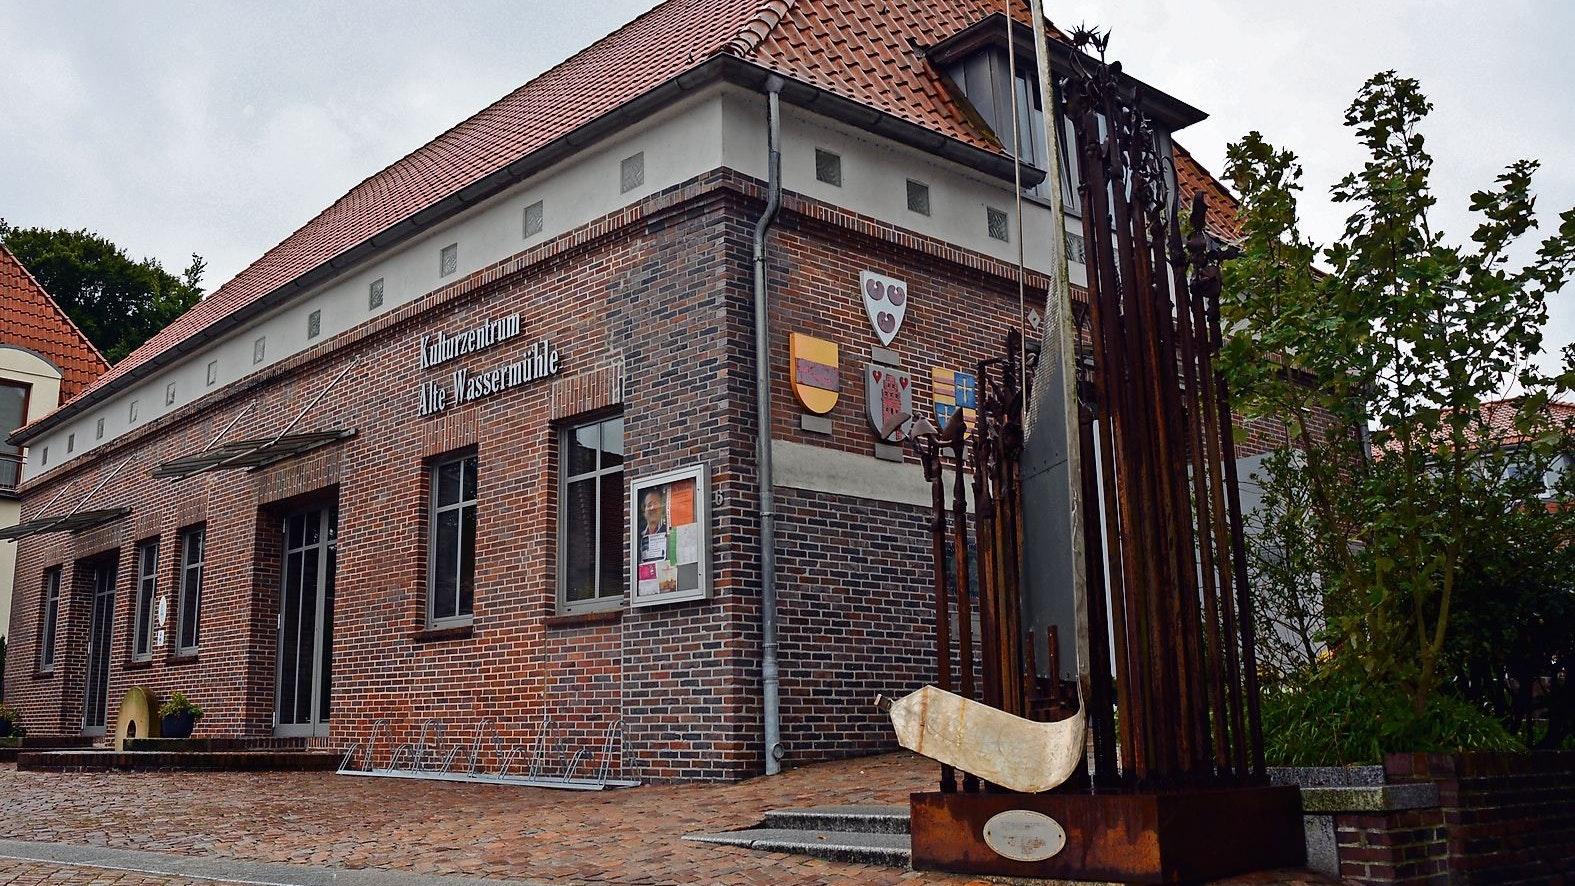 Im Kulturzentrum Alte Wassermühle finden die meisten Veranstaltungen des Kulturkreises Bösel-Saterland-Friesoythe statt. Wenn sie nicht, wie in den letzten 18 Monaten, wegen Corona ausfallen müssen. Foto: Stix